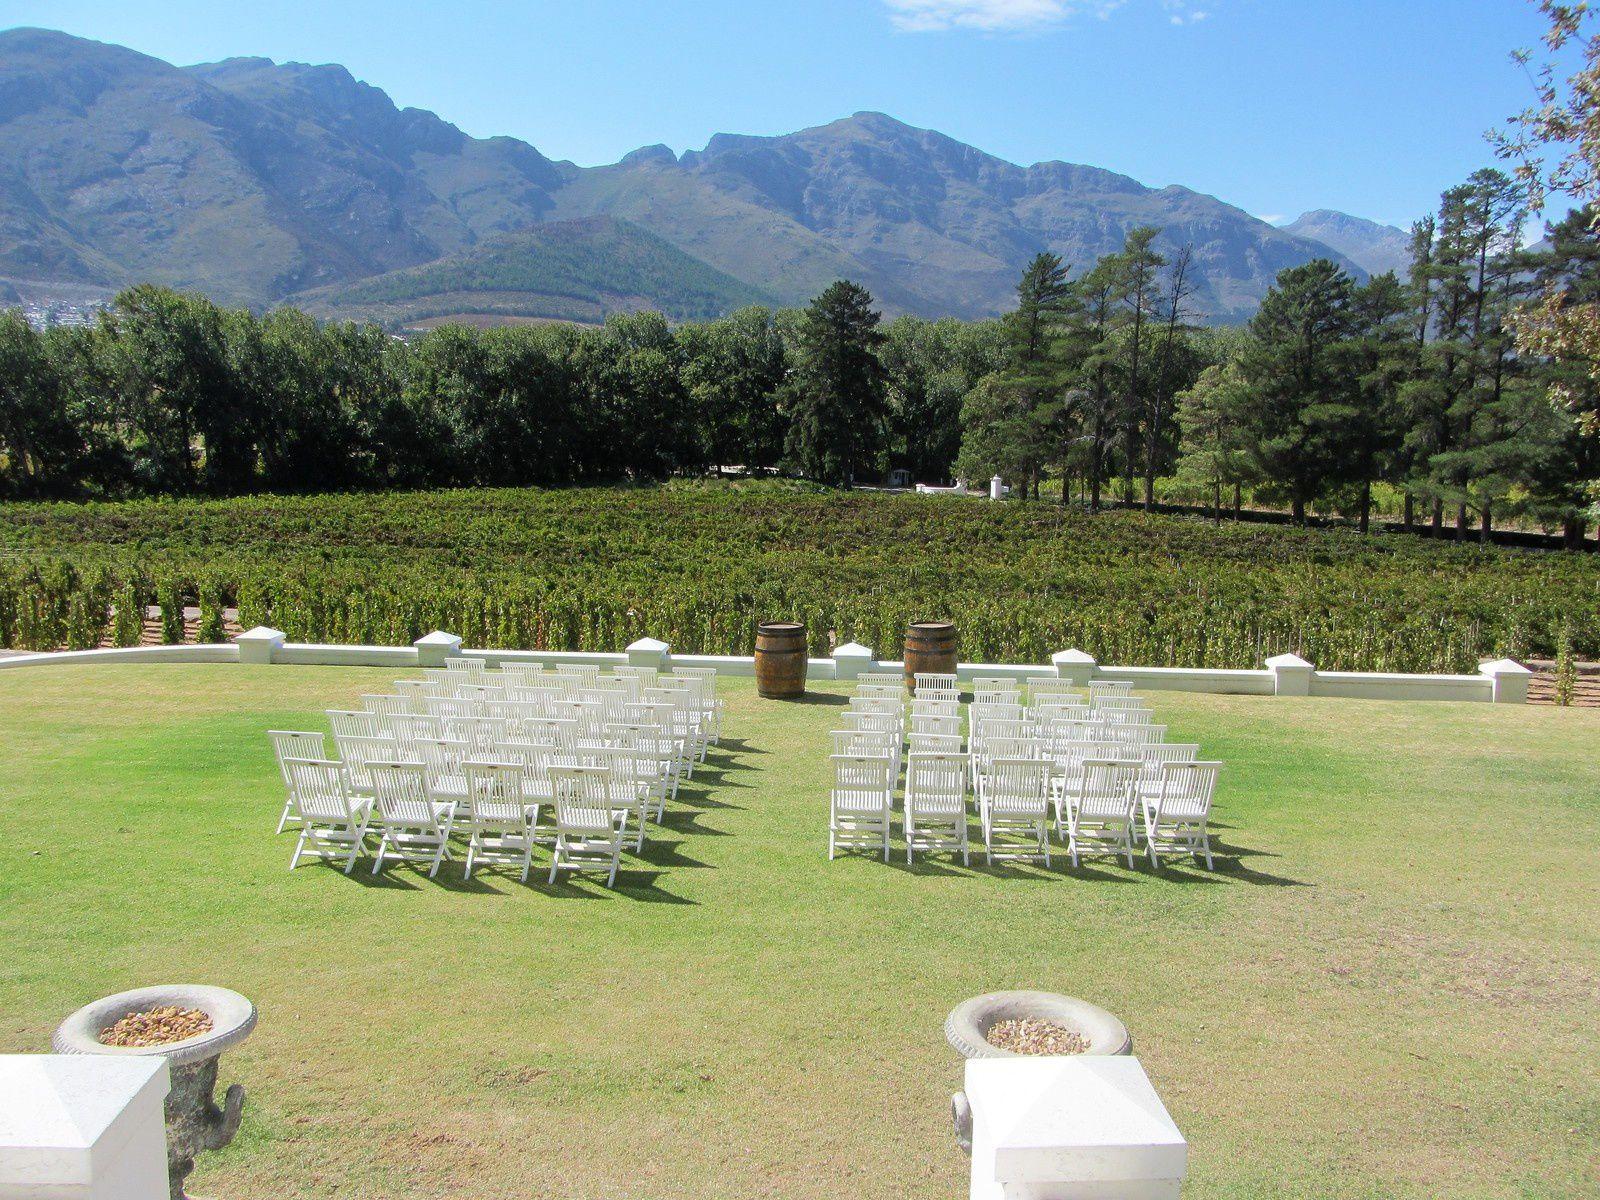 Mais c'est à l'extérieur face aux montagnes qu'a eu lieu la cérémonie. Juste magique !!!